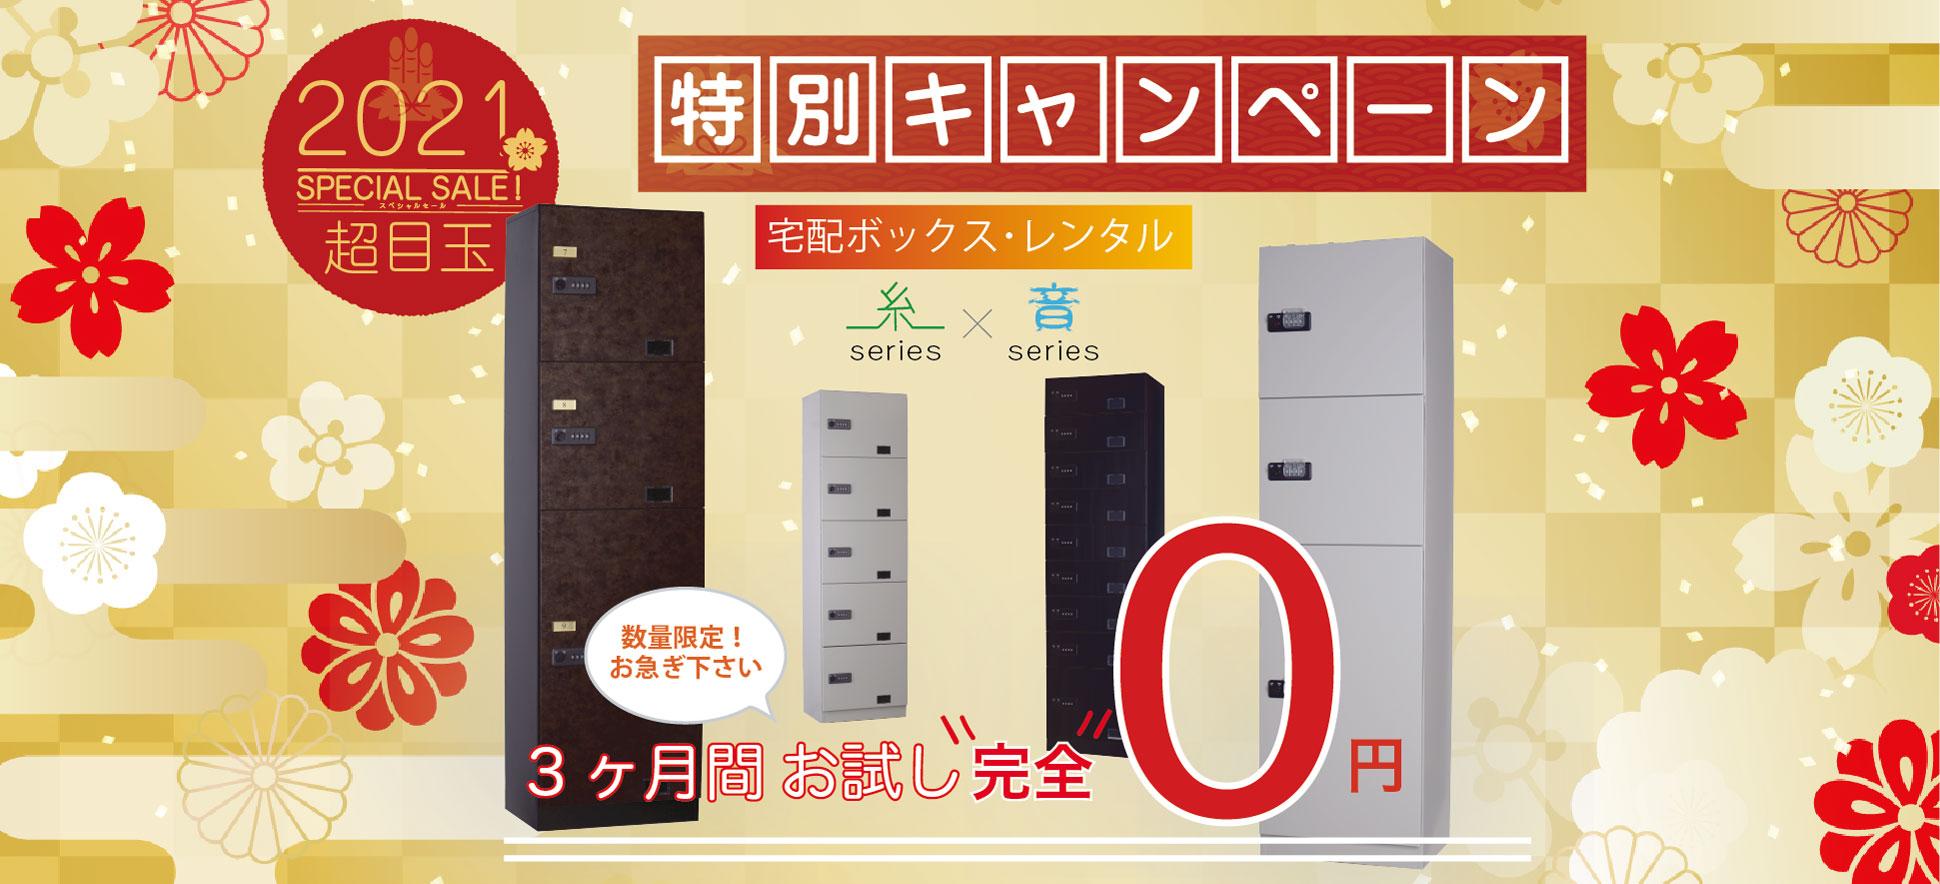 宅配ボックスお試し0円 特別キャンペーン